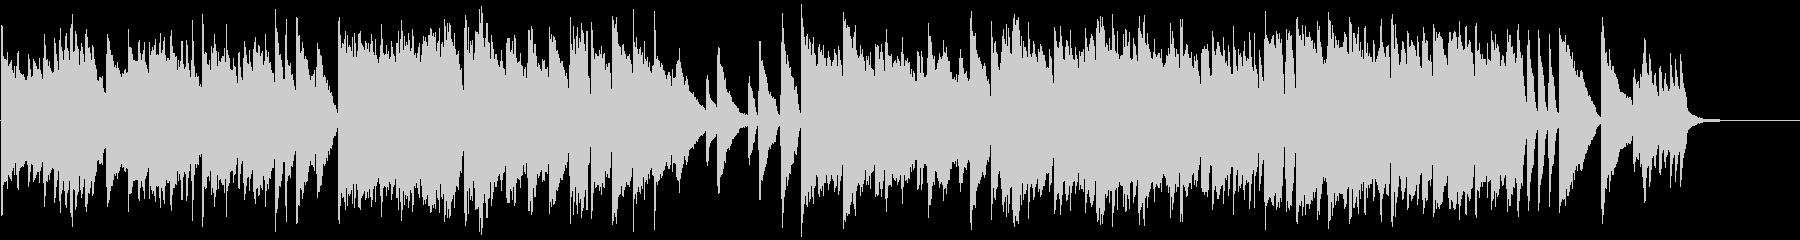 美しい和風ピアノの旋律とロックピアノの未再生の波形